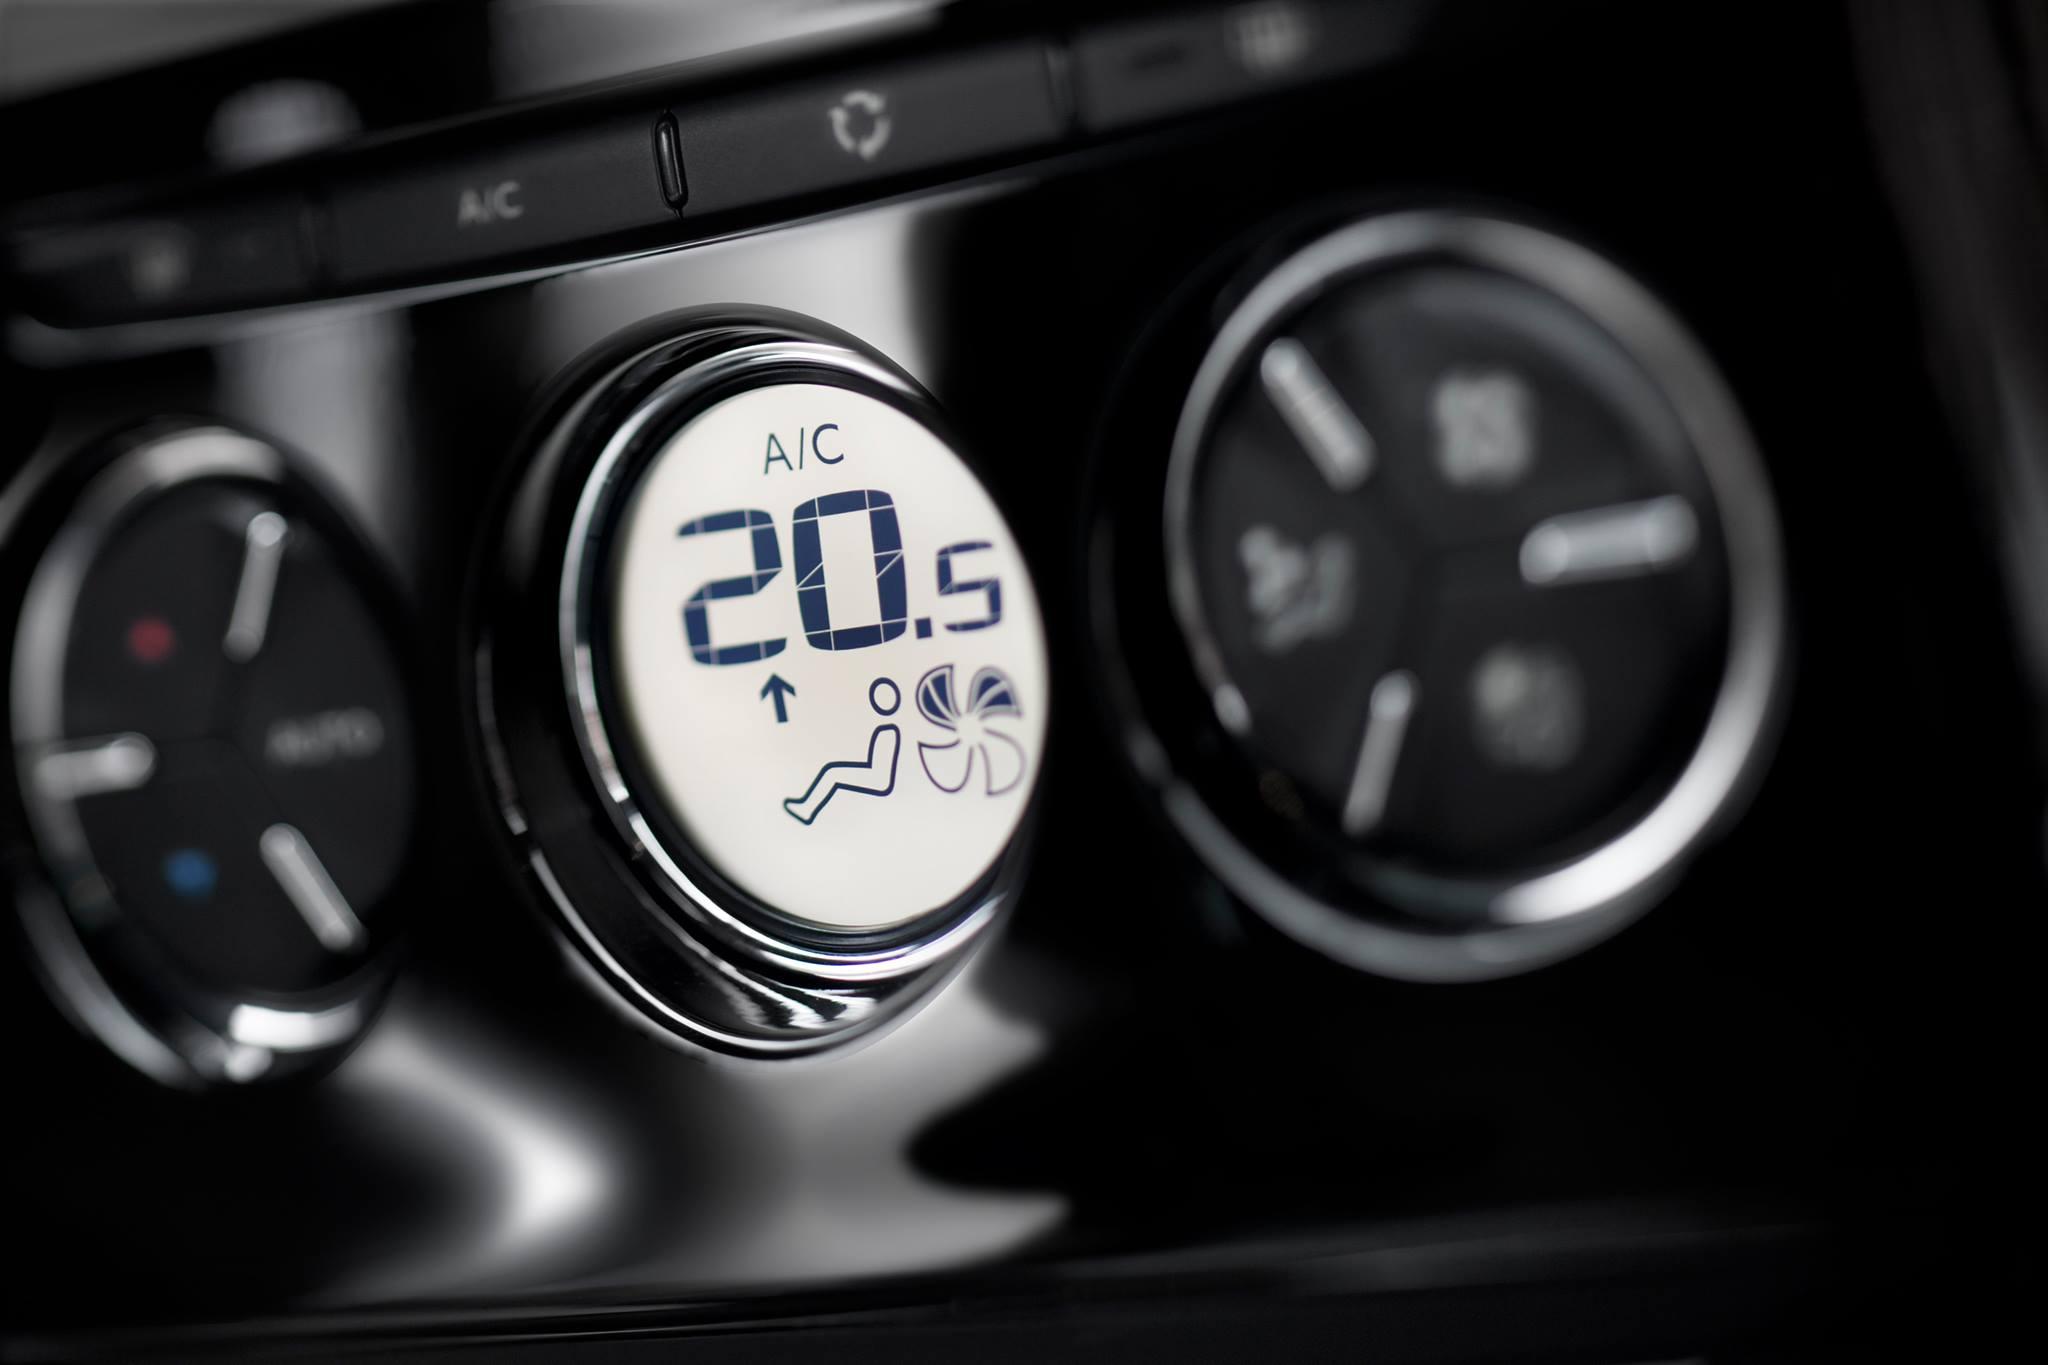 Возможные неполадки кондиционера и климат-контроля Ford Focus 3